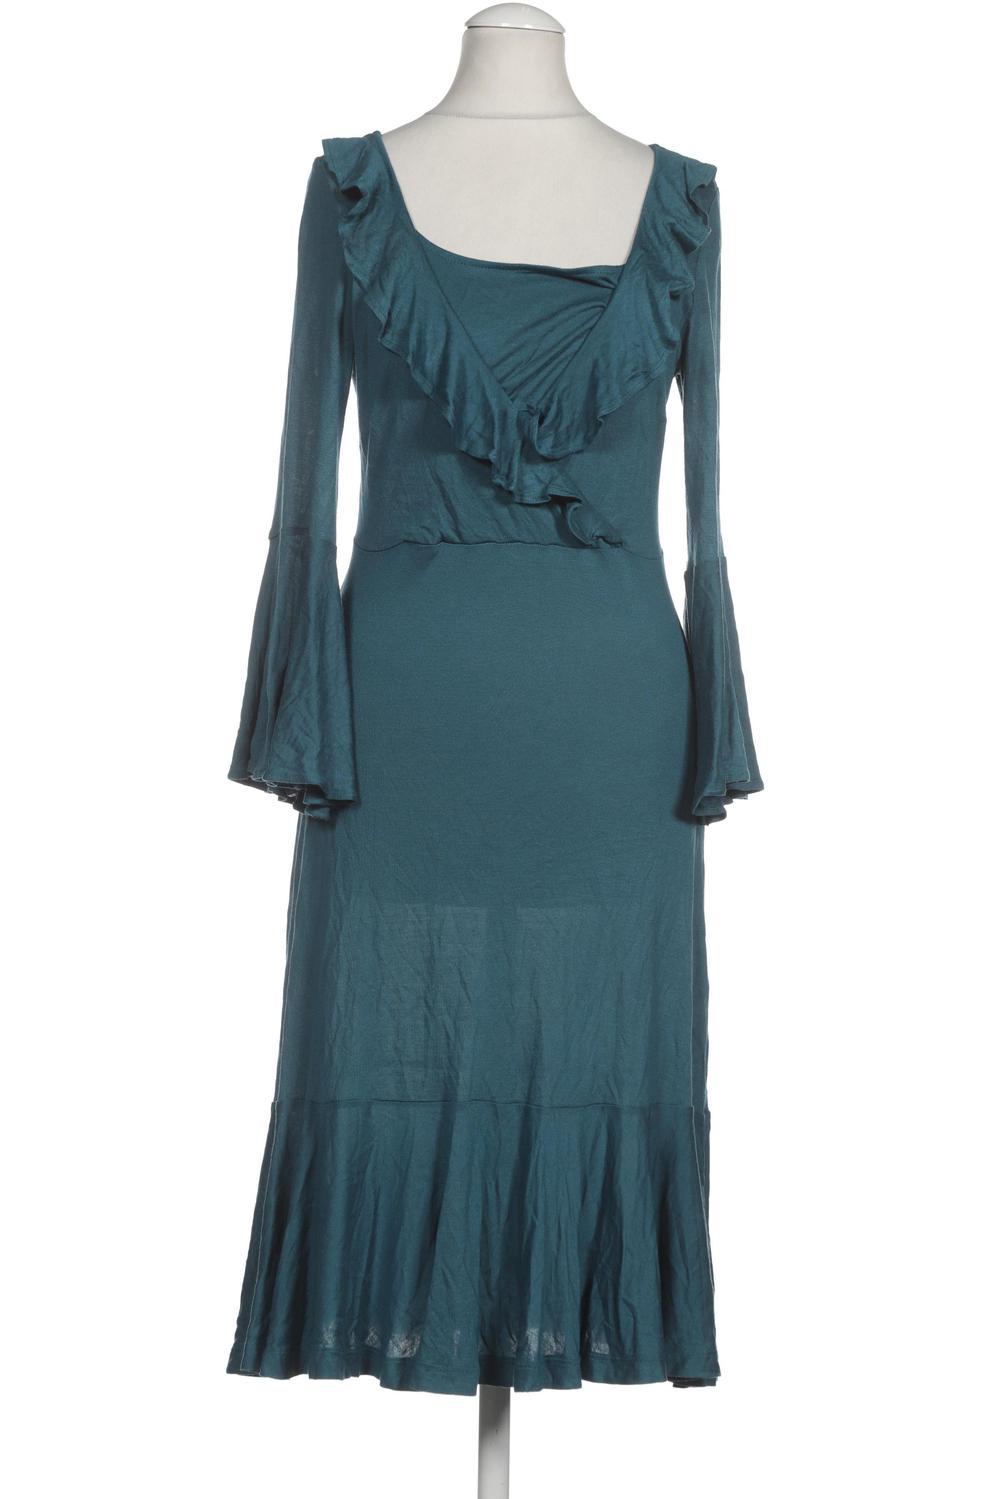 H&M Mama Damen Kleid INT XS Second Hand kaufen   ubup